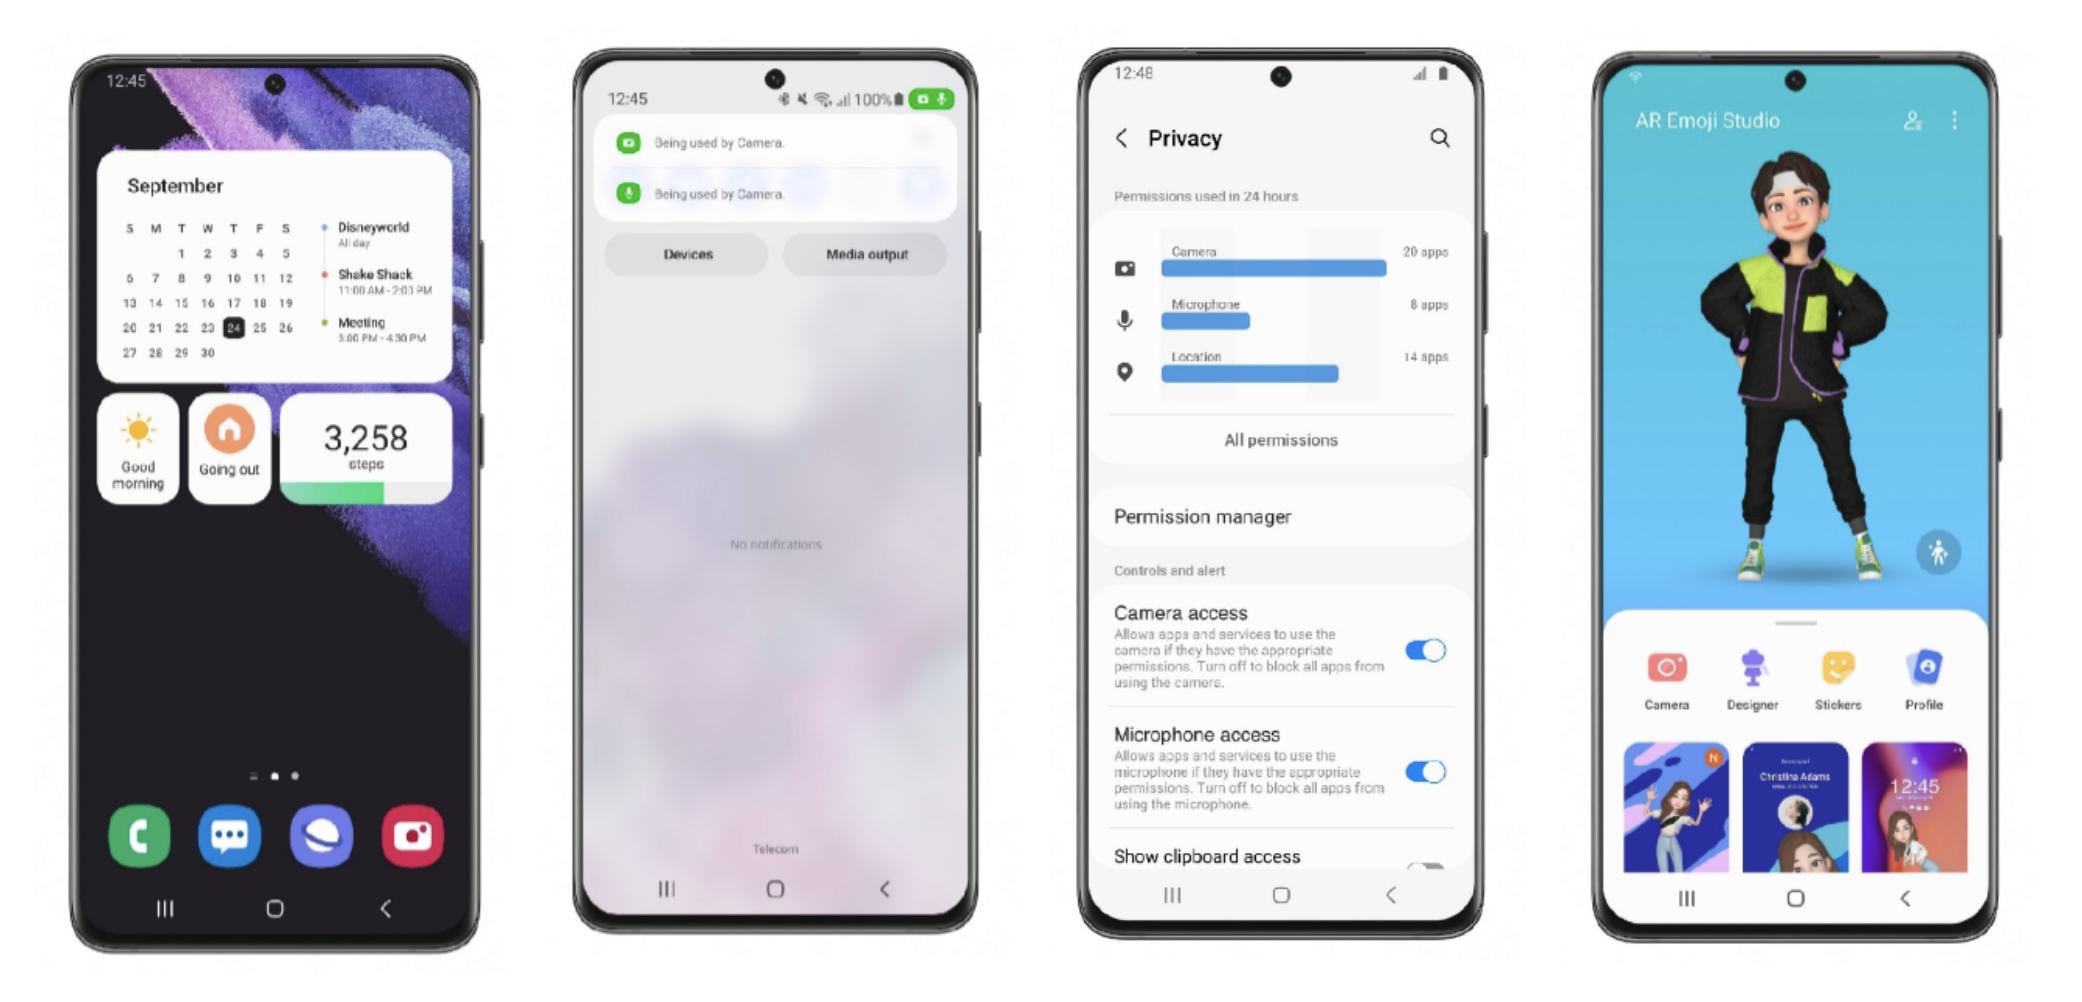 Samsung One UI 4:n uudistuksia: uudet widgetit, kamera- ja mikrofonikäytön merkit, tietoa lupien käytöstä asetuksissa sekä emojit, kuten AR Emojit, helpommin saatavilla.